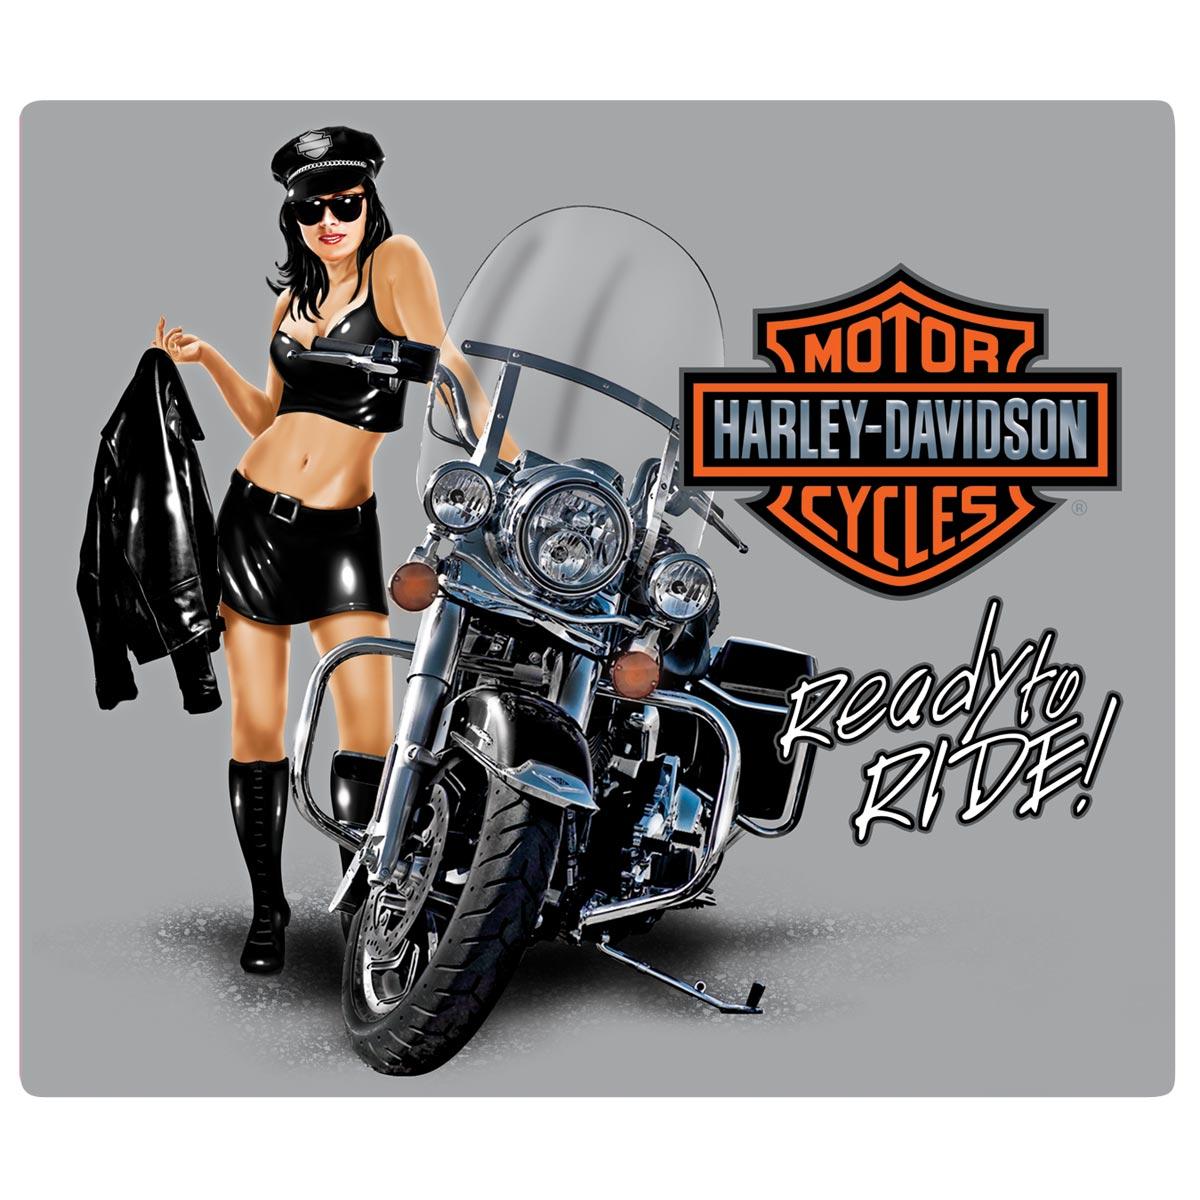 Harley Davidson Pin Up Girl Shirts